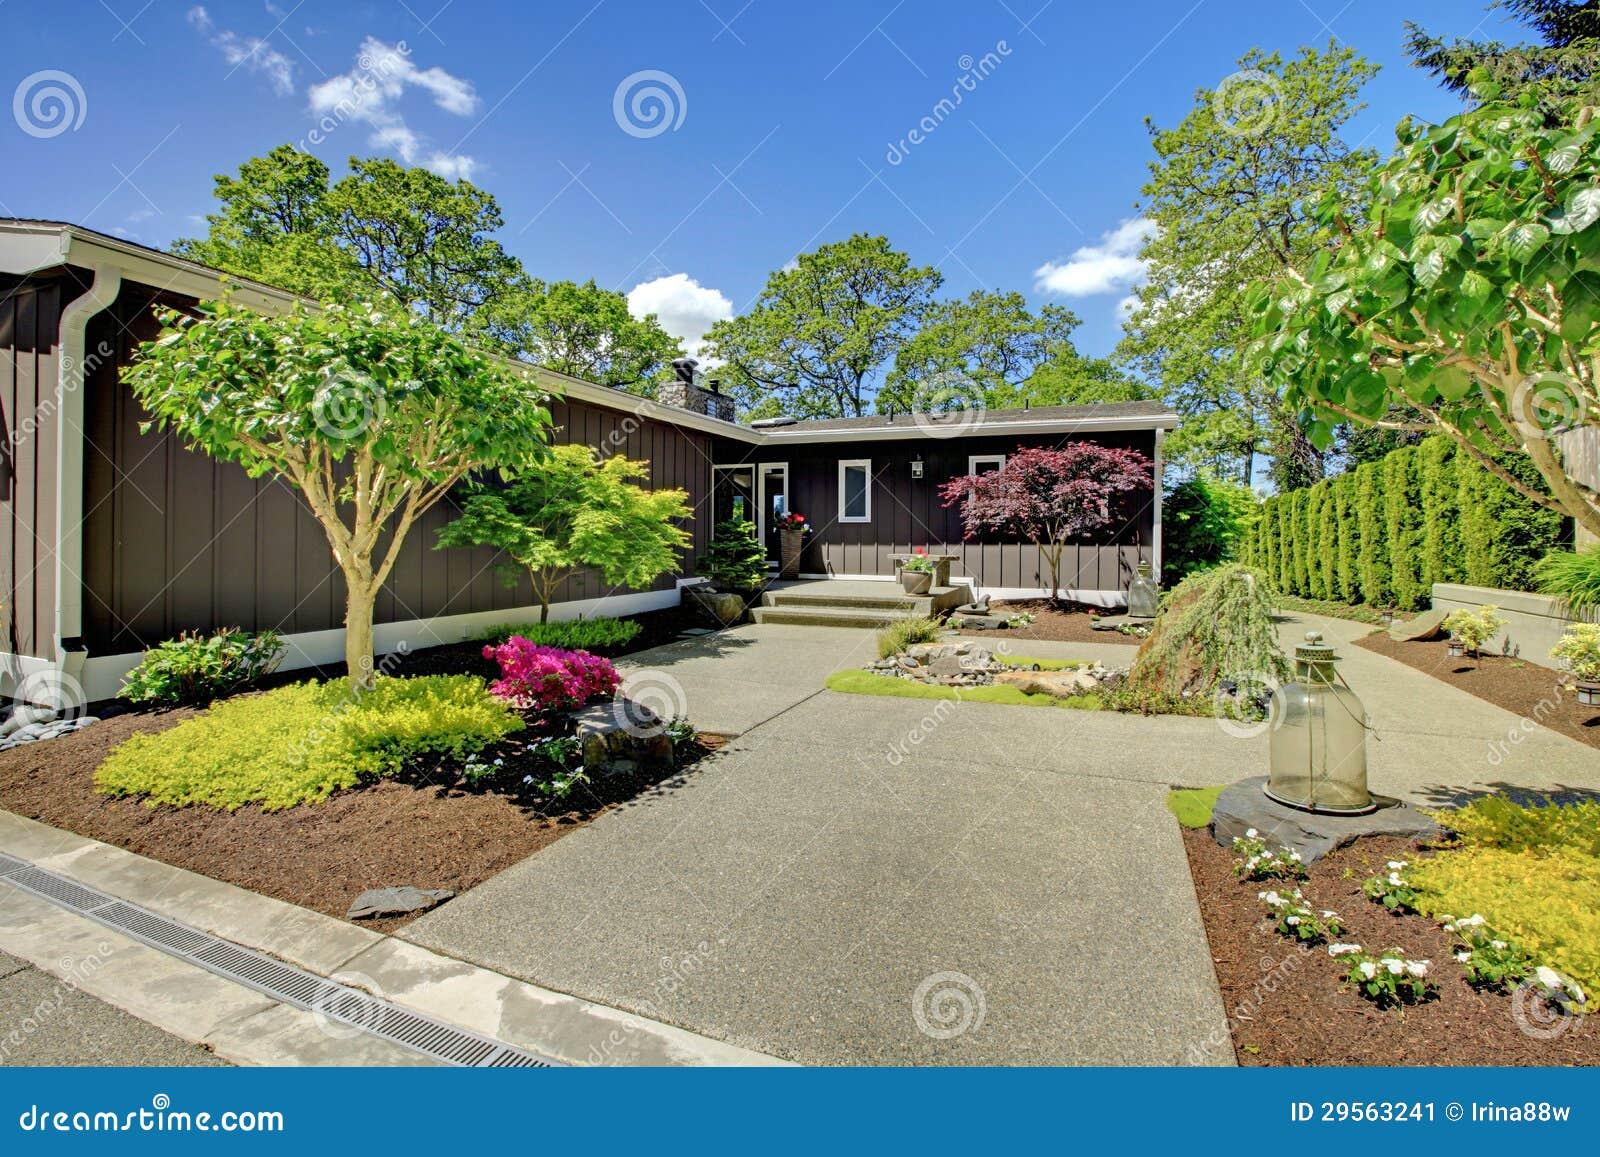 Schones Haus Mit Garage Seeansicht Und Grossem Vorgarten Stockbild